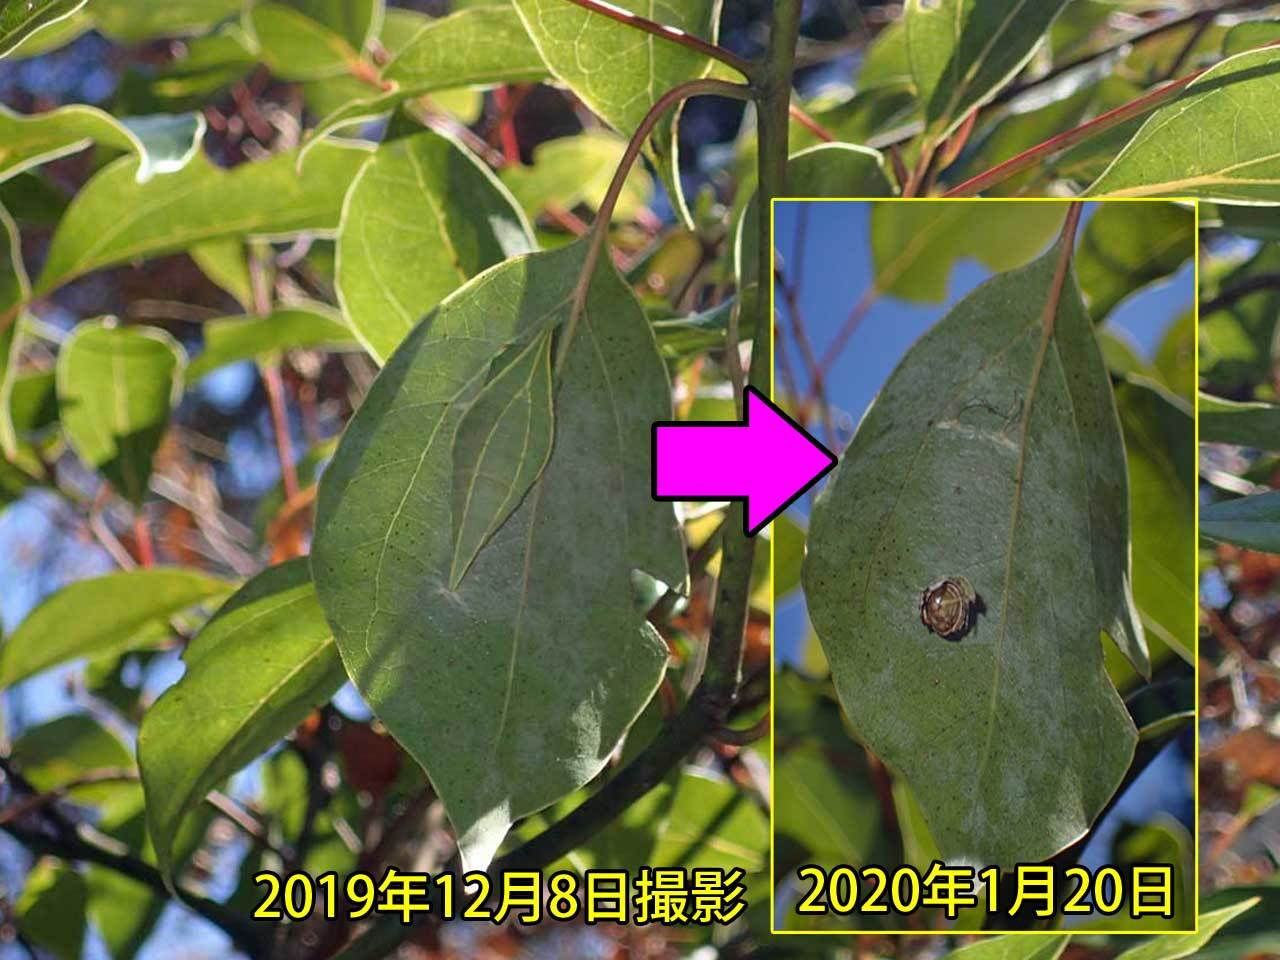 アオスジアゲハの越冬蛹捕食される_e0253104_16211209.jpg